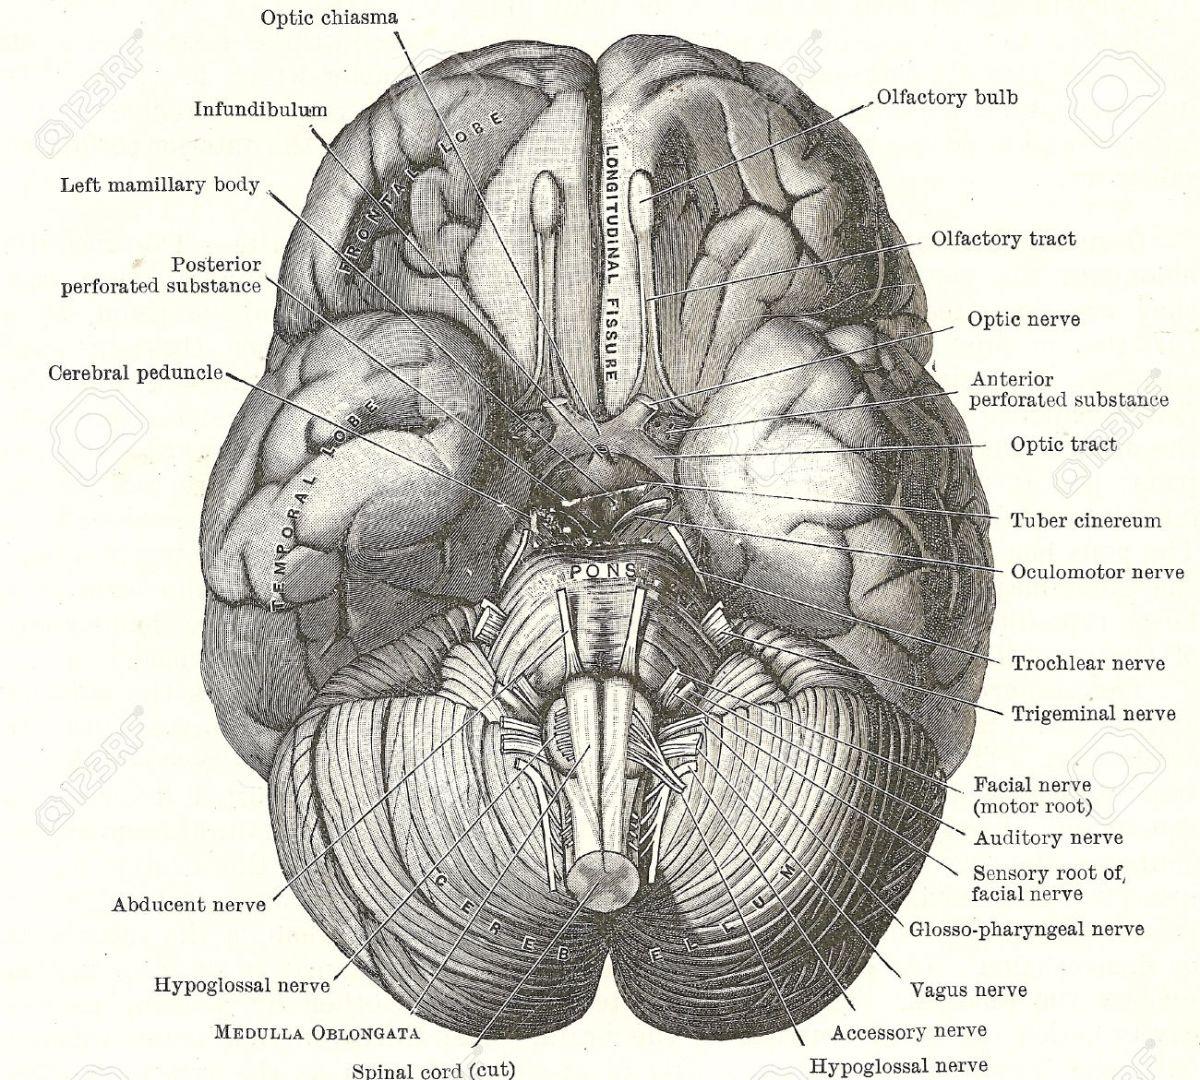 La Disección de un Cerebro Humano en 7 Imágenes | Feel the Brain